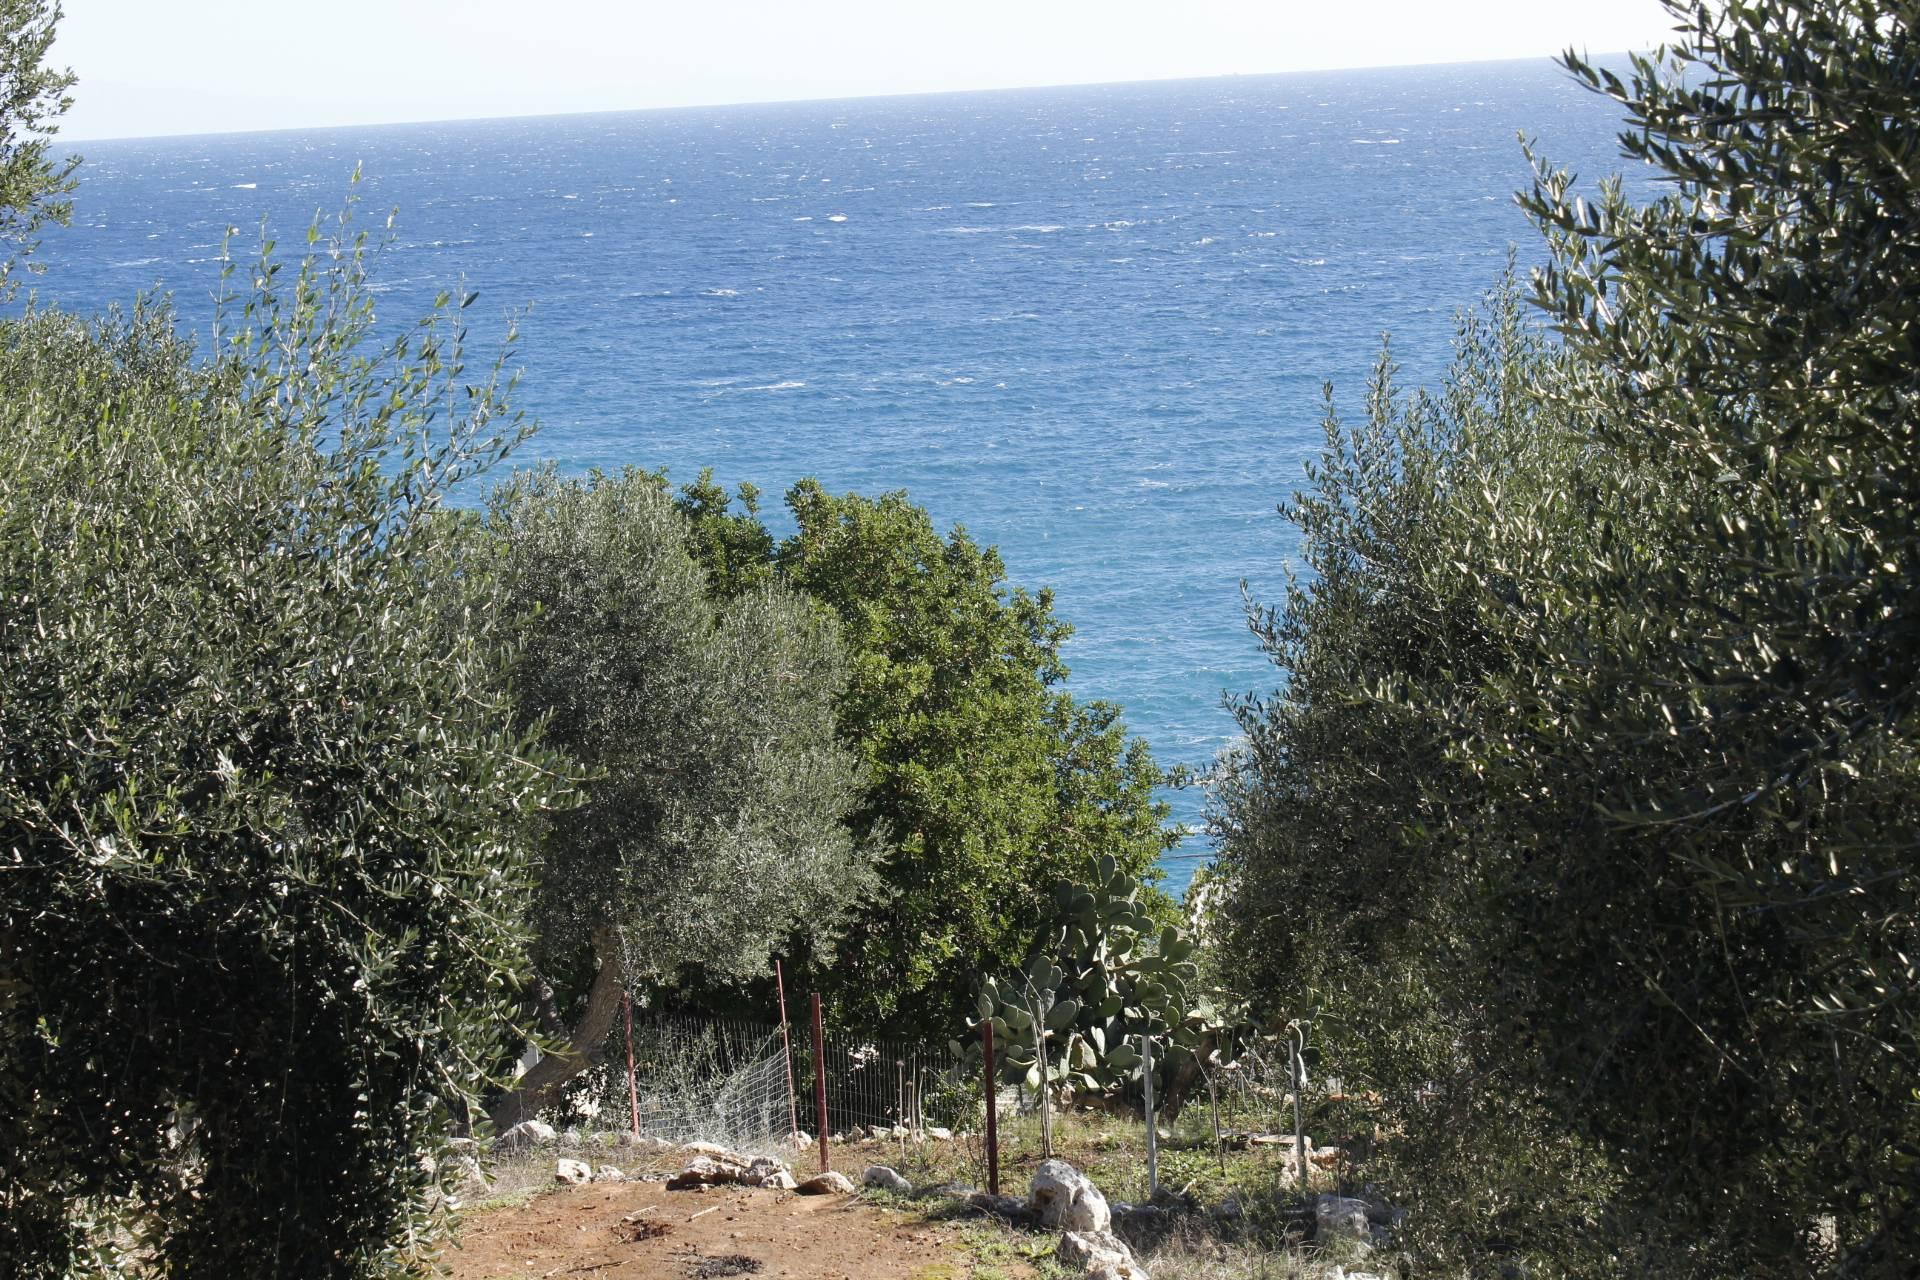 Terreno Edificabile Residenziale in vendita a Andrano, 9999 locali, zona Località: MarinadiAndrano, prezzo € 45.000 | CambioCasa.it